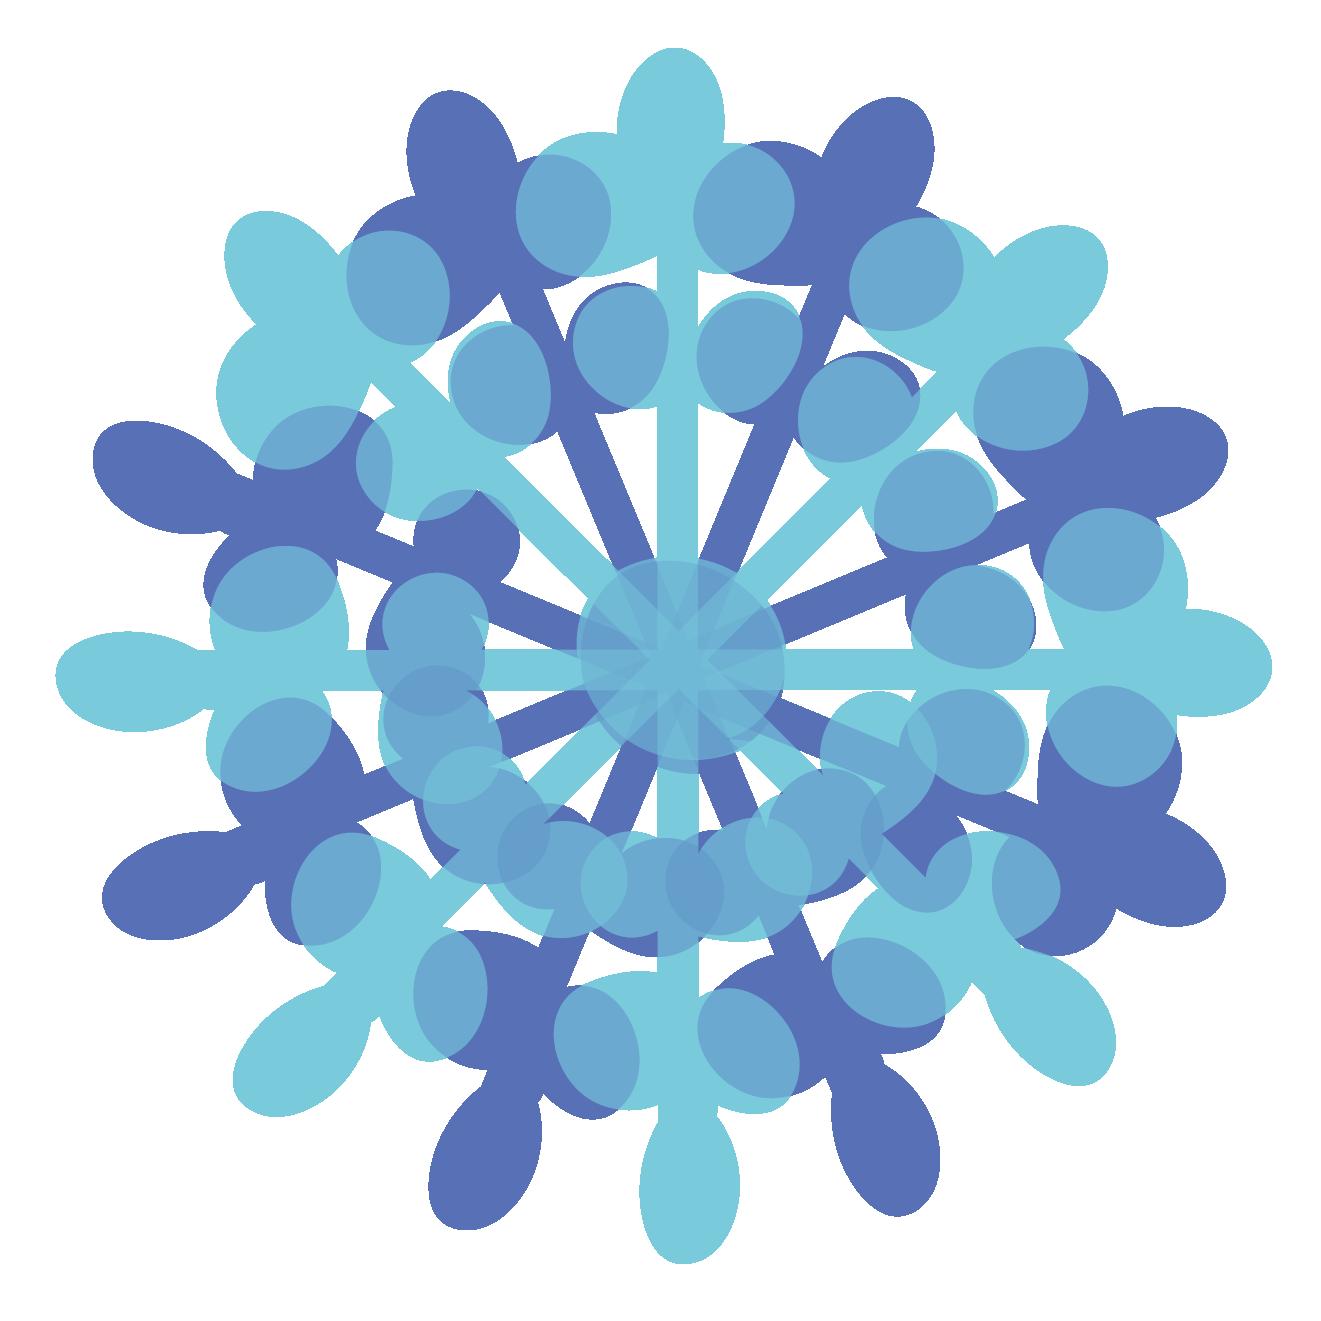 冬!綺麗な雪の結晶イラスト!   商用フリー(無料)のイラスト素材なら